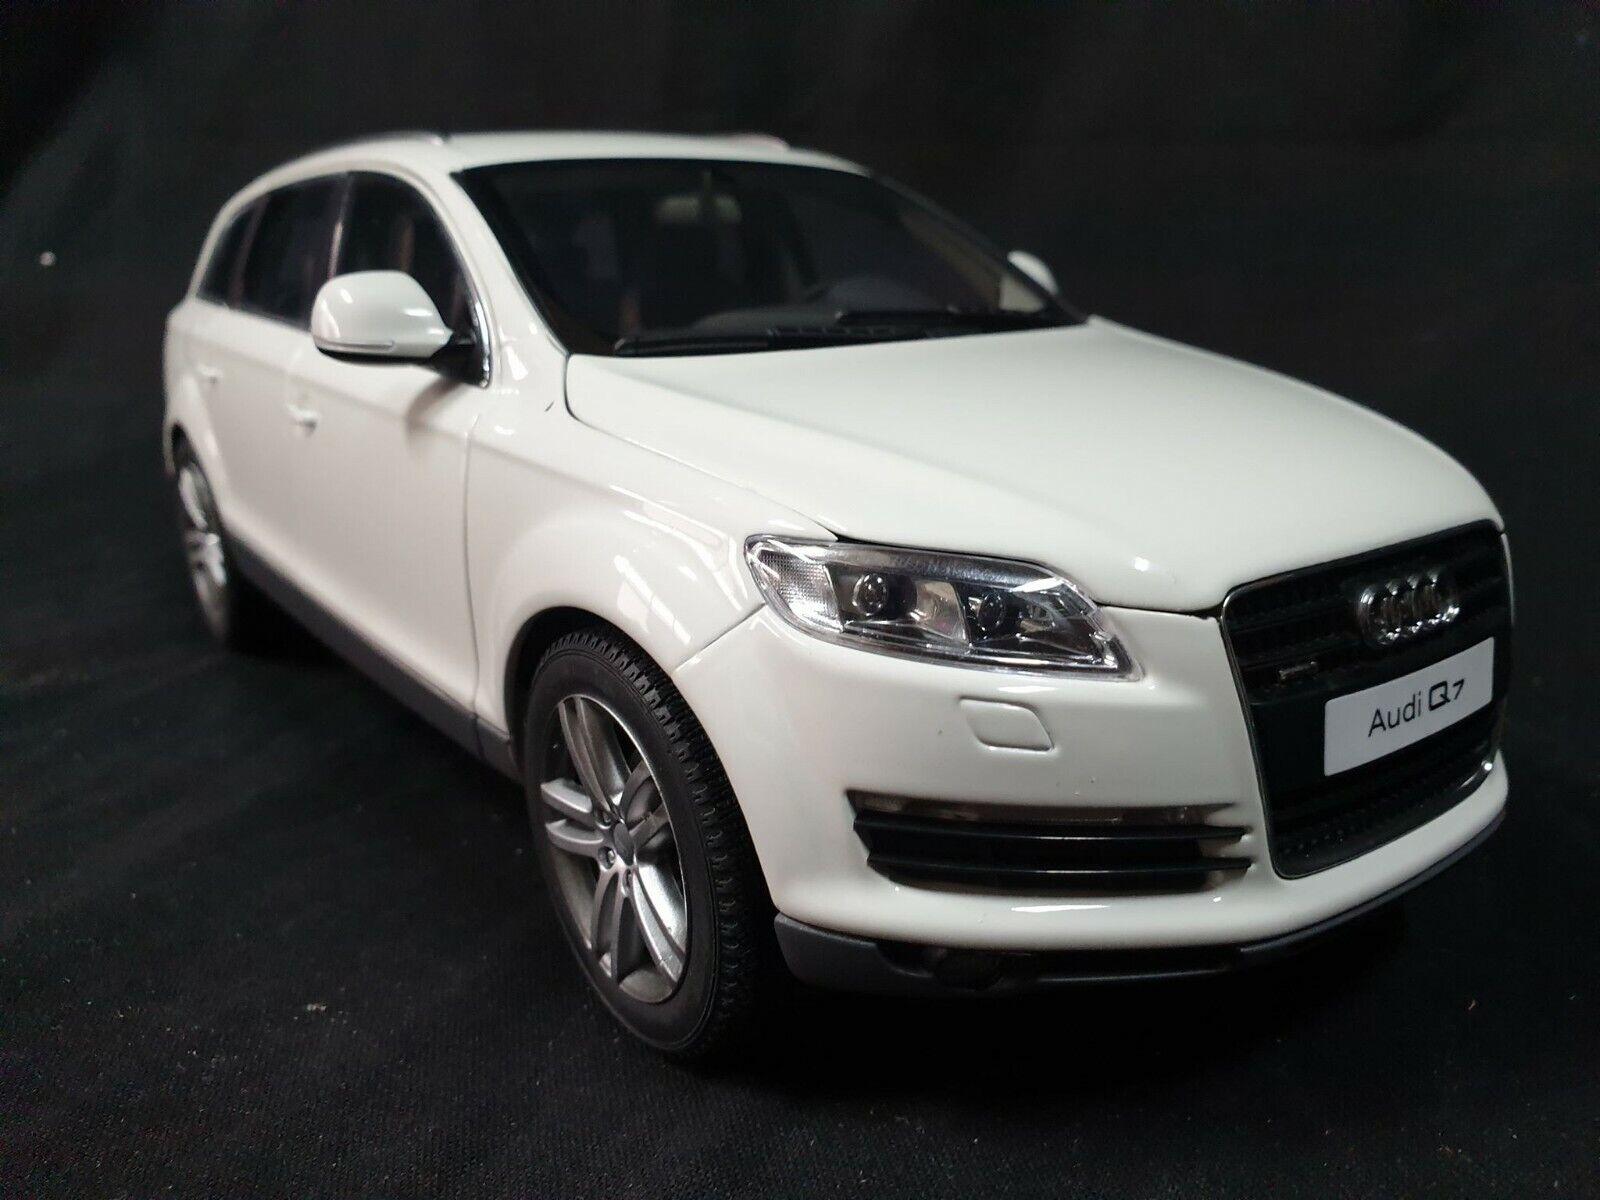 AUDI - Q7 V8 4.2 FSI 4X4 2006 WHITE 09221W KYOSHO 1 18